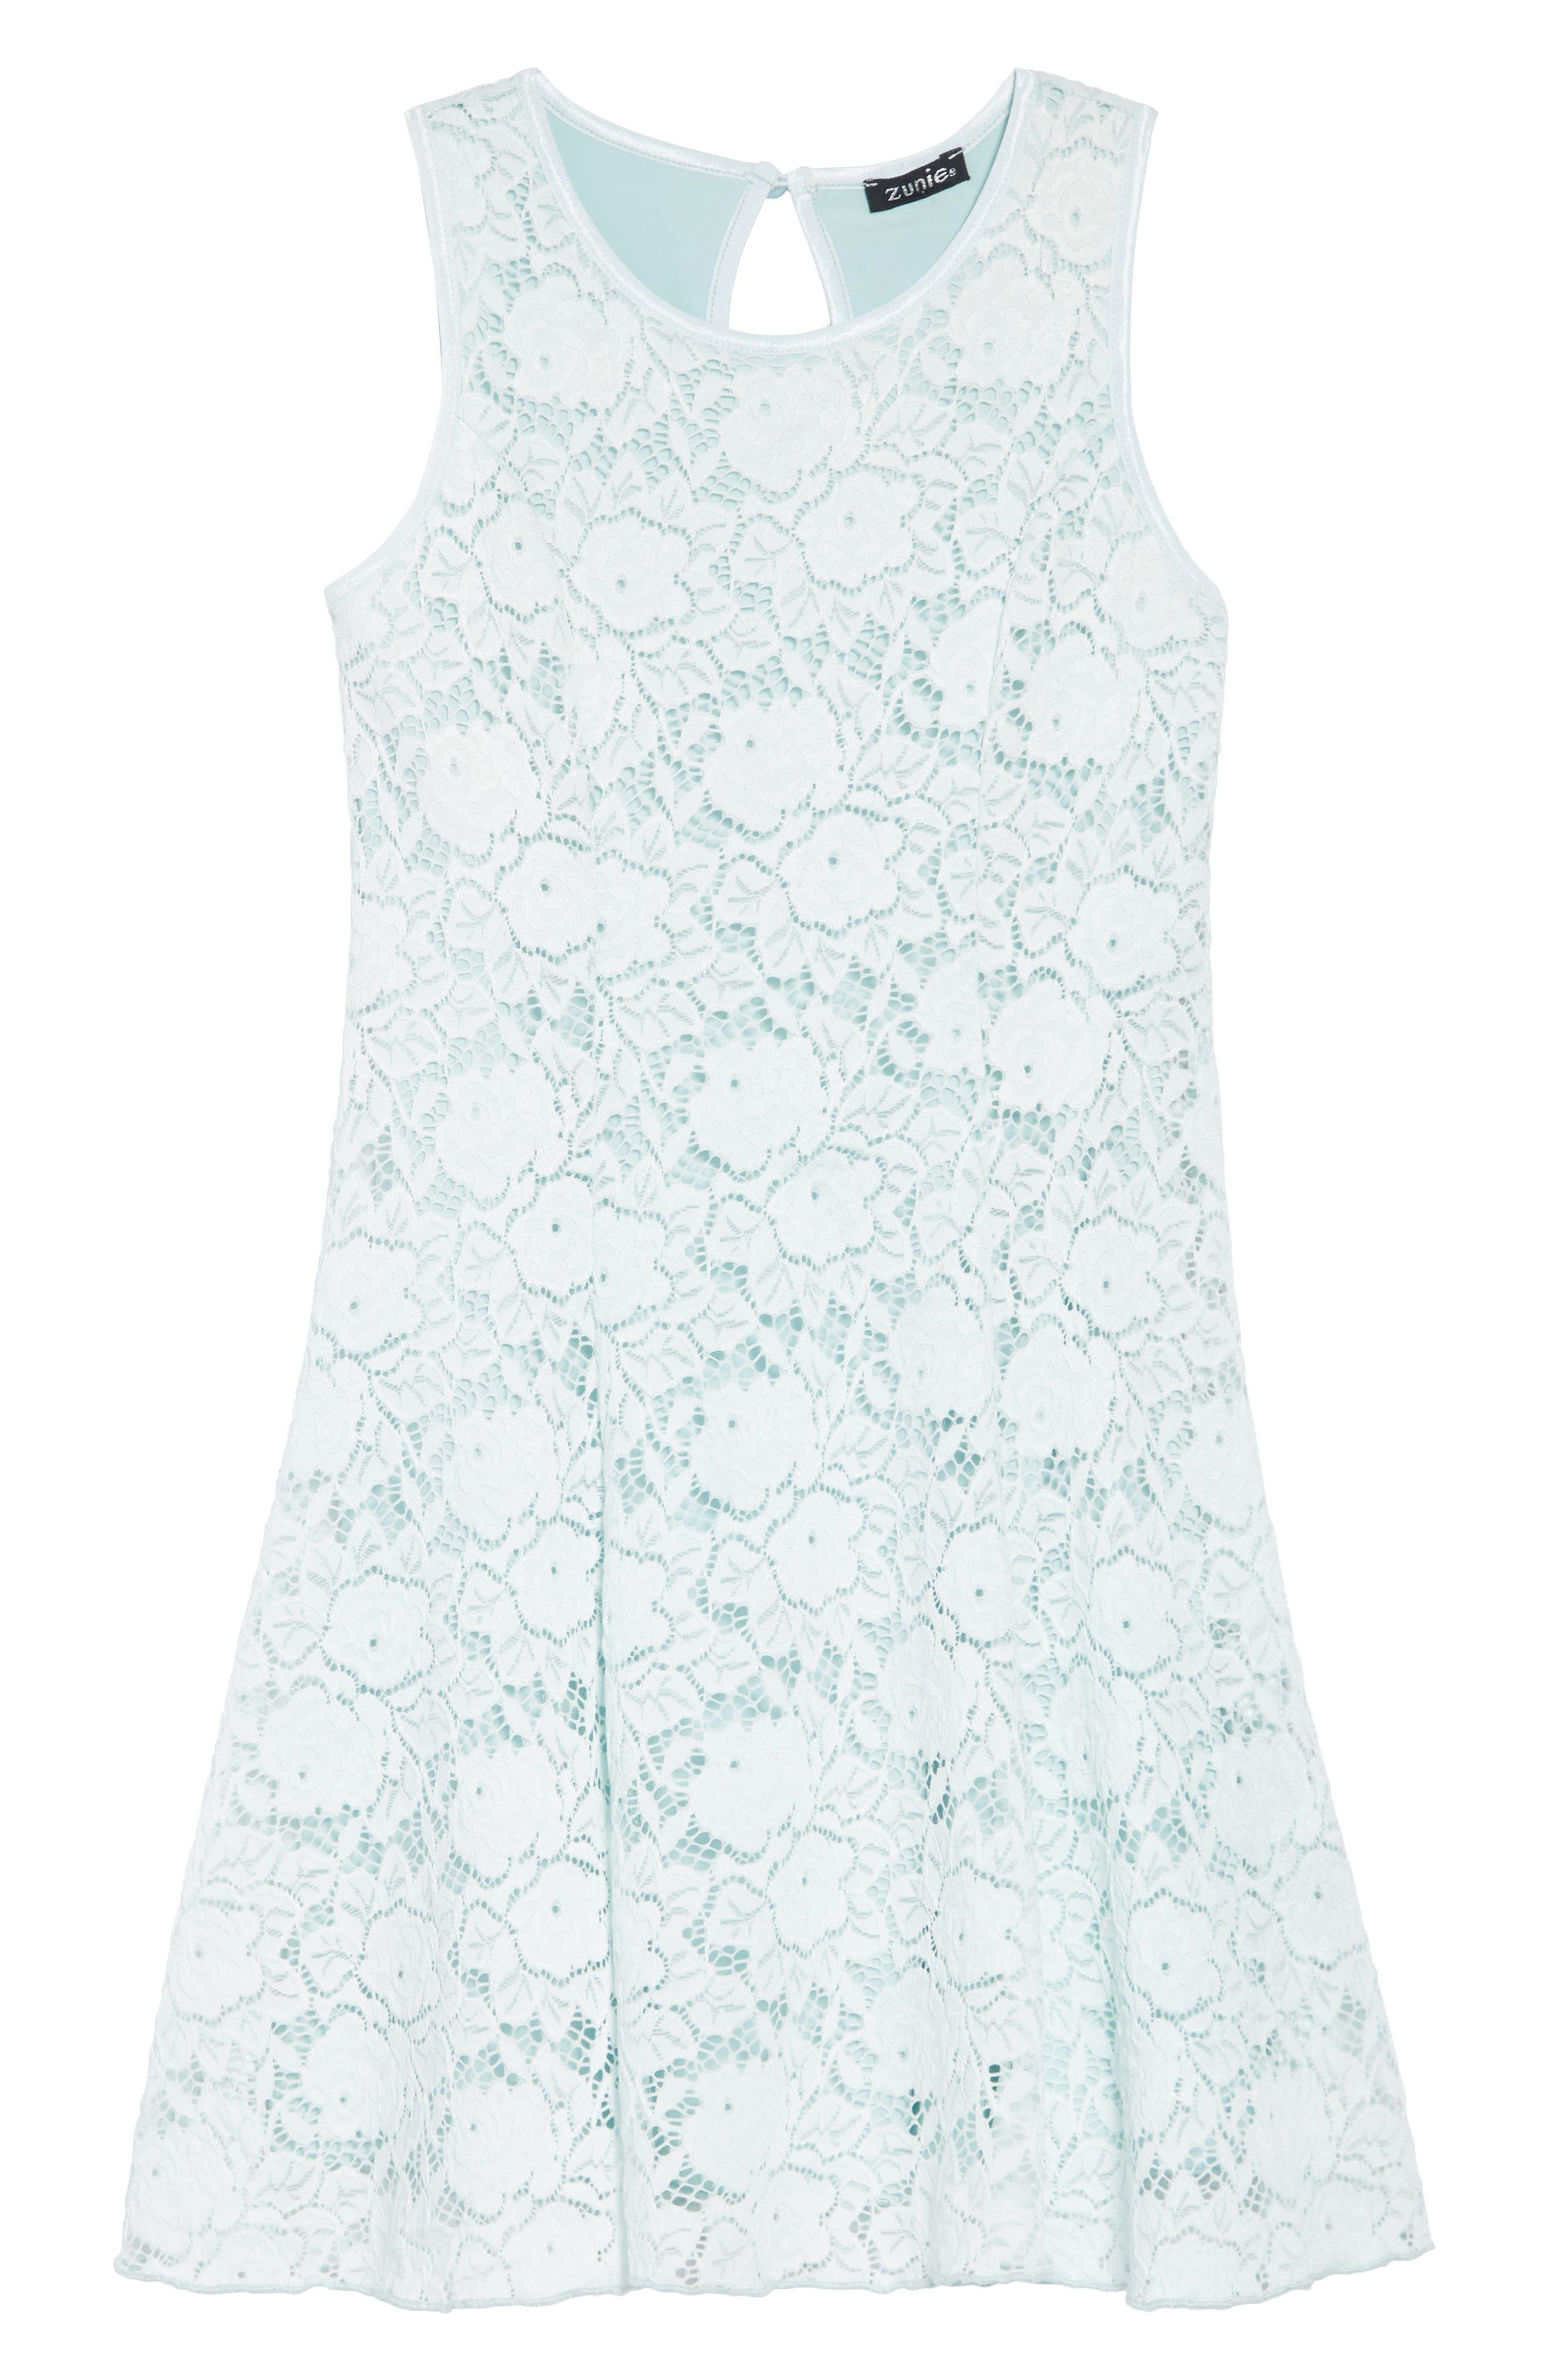 ZUNIE, Lace Skater Dress, Main thumbnail 1, color, MINT